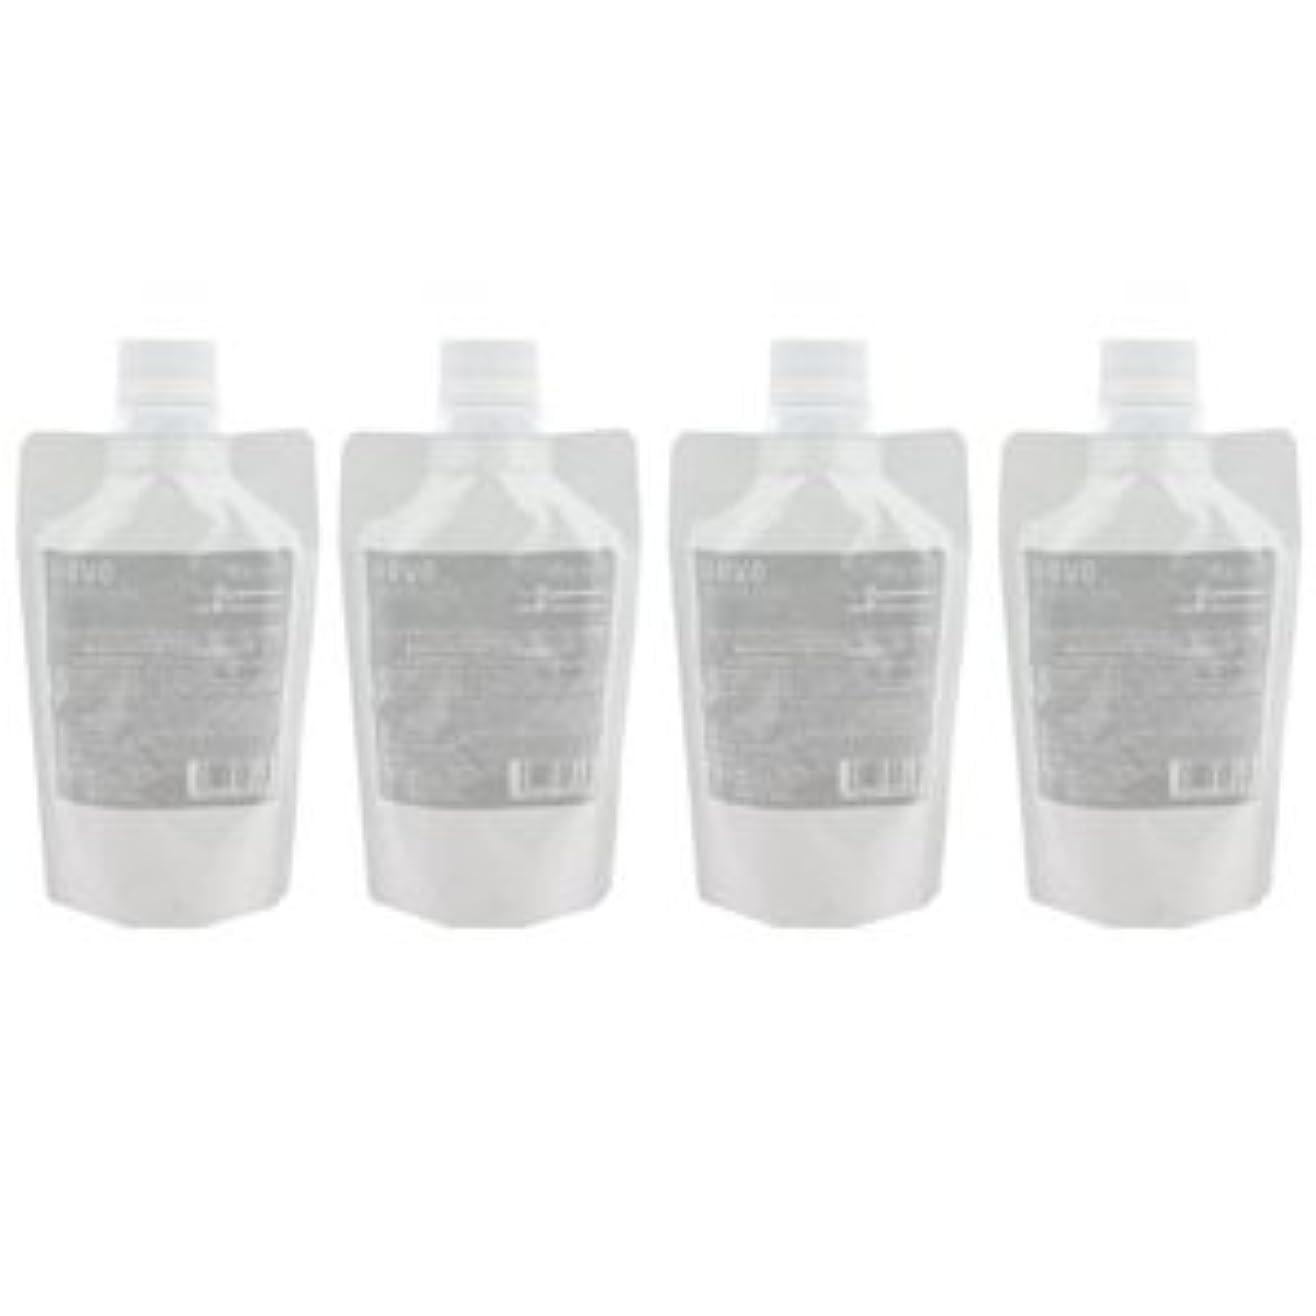 正当化する作業申し立て【X4個セット】 デミ ウェーボ デザインキューブ ドライワックス 200g 業務用 dry wax